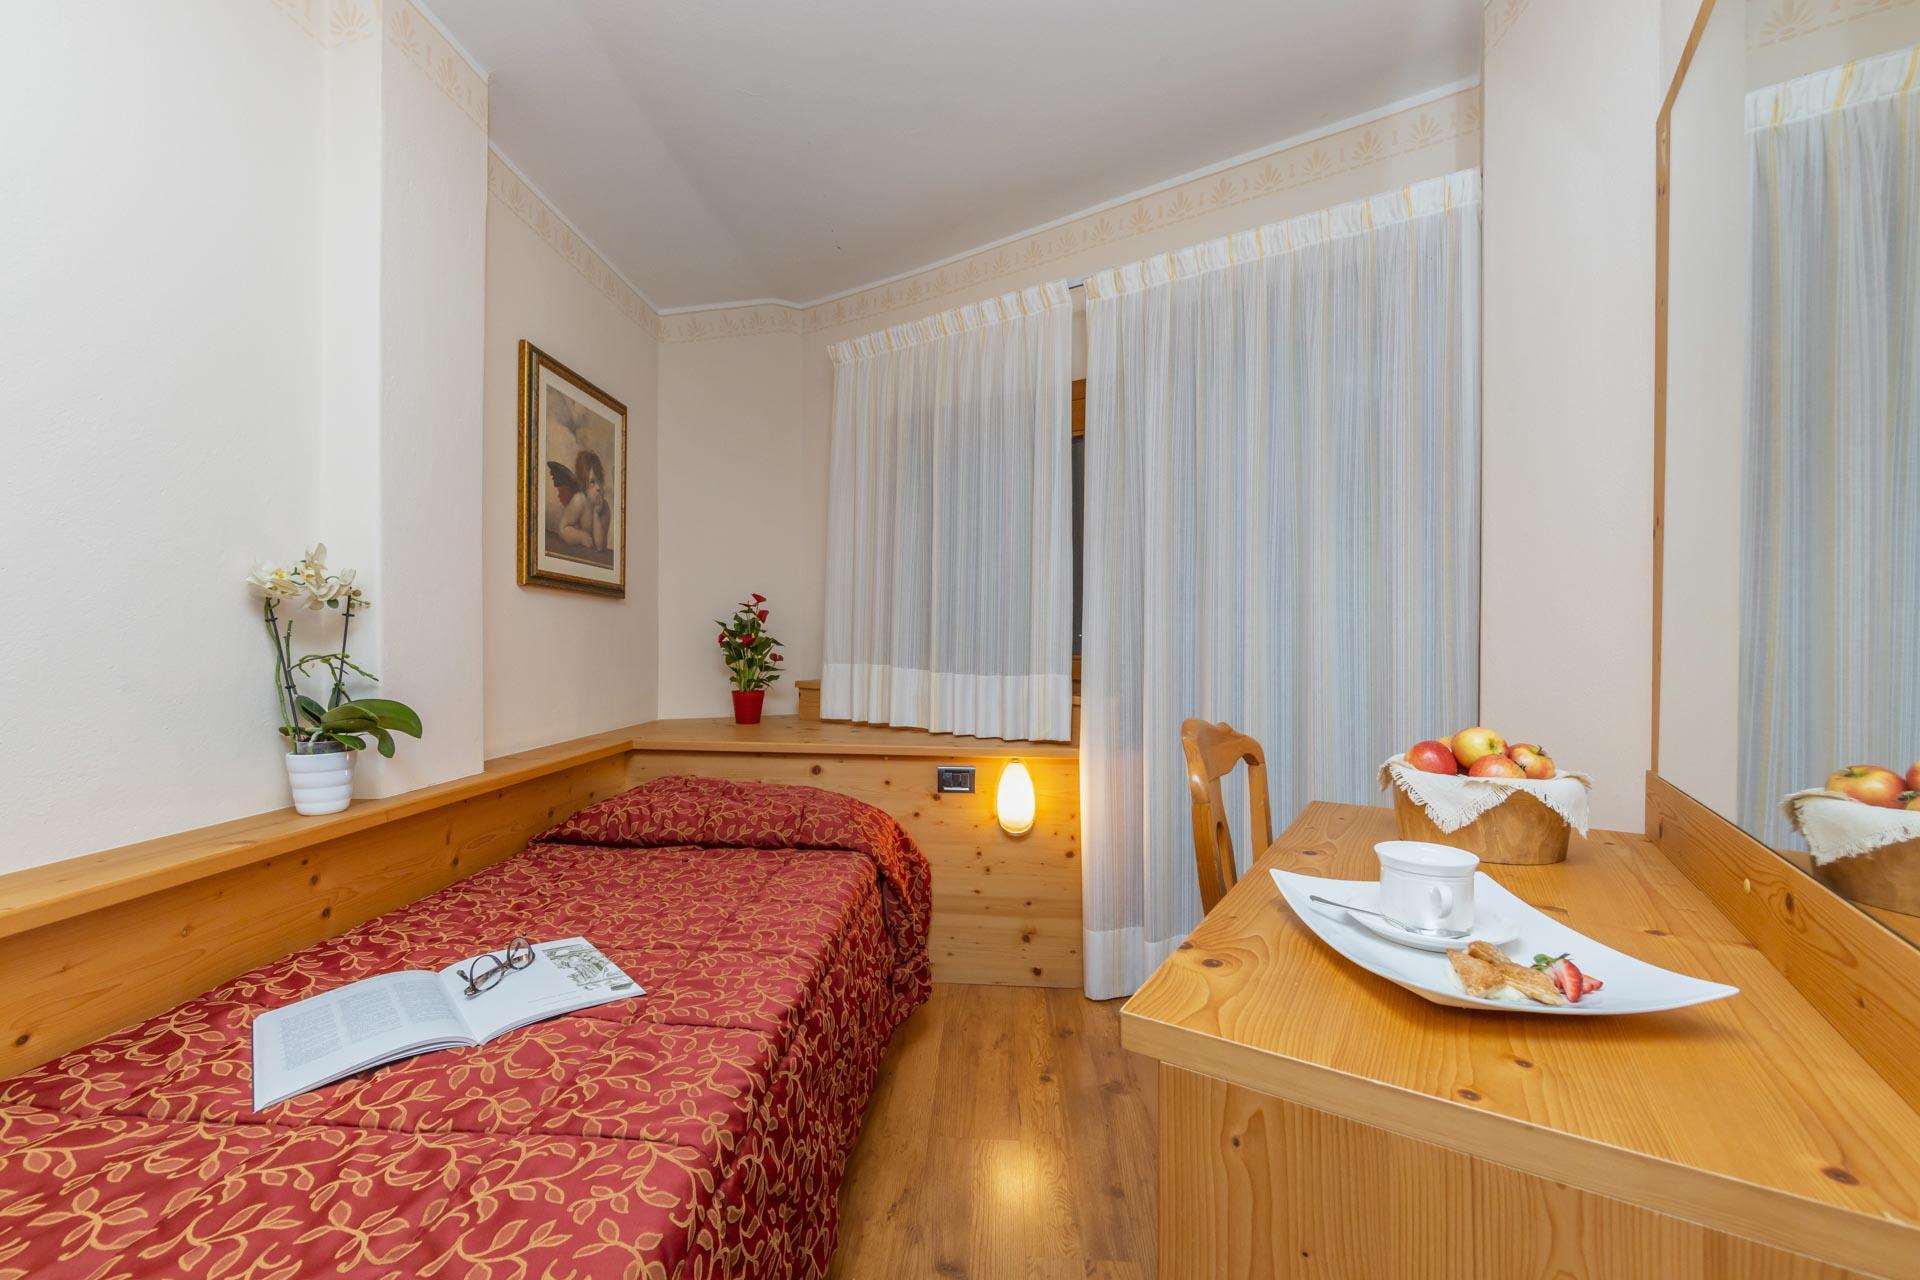 hotel-vicino-molveno-e-terme-di-comano-miravalle-cucina-tipica-con-piscina-114